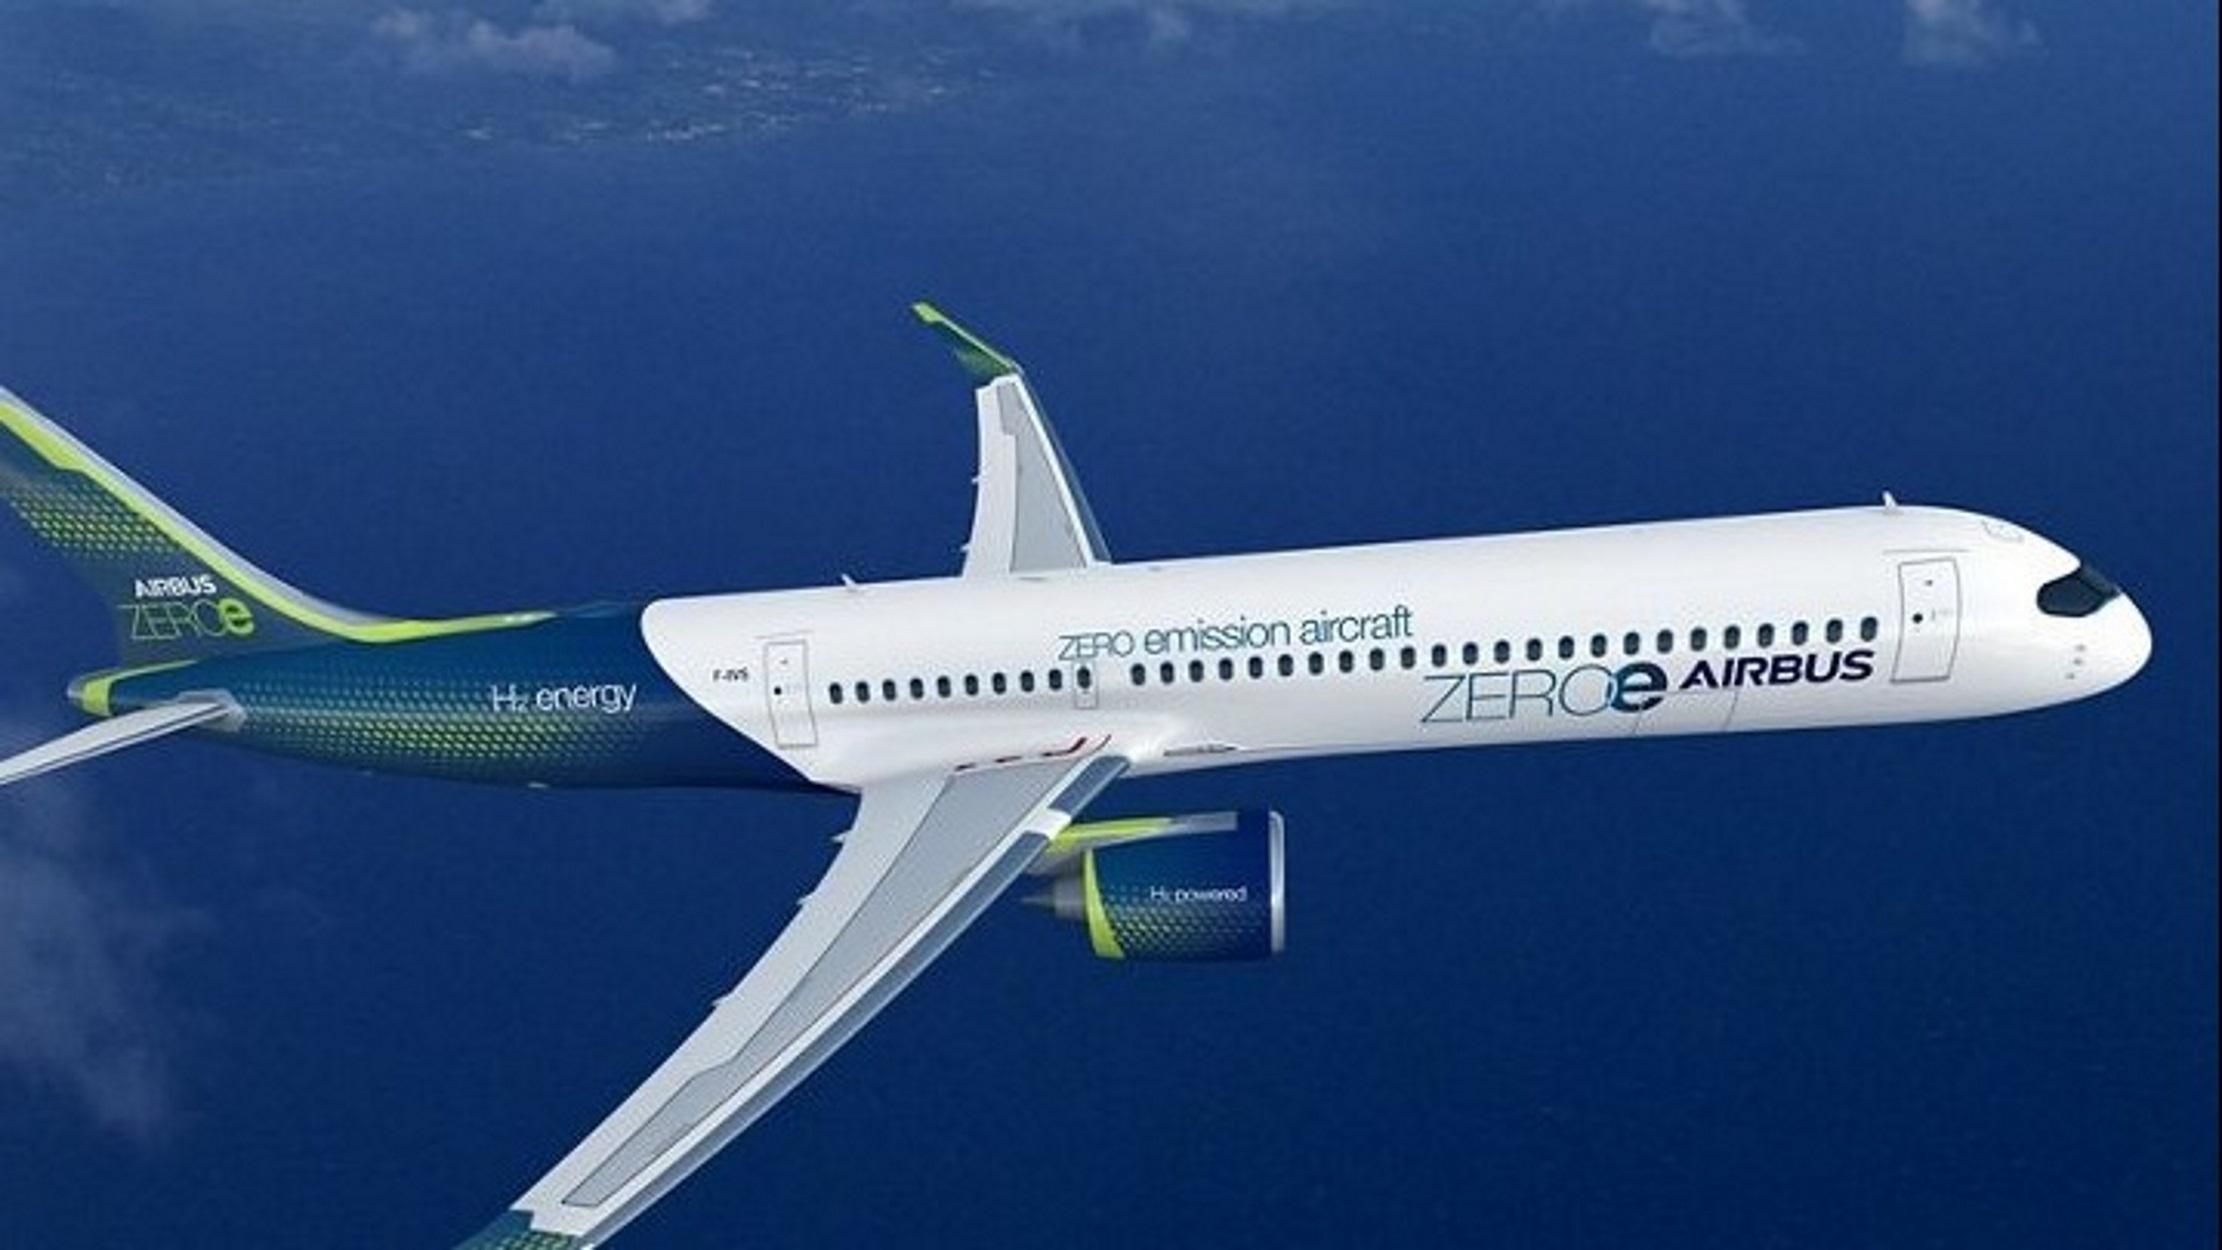 """Airbus: Το 2035 το πρώτο """"καθαρό"""" επιβατηγό αεροπλάνο"""